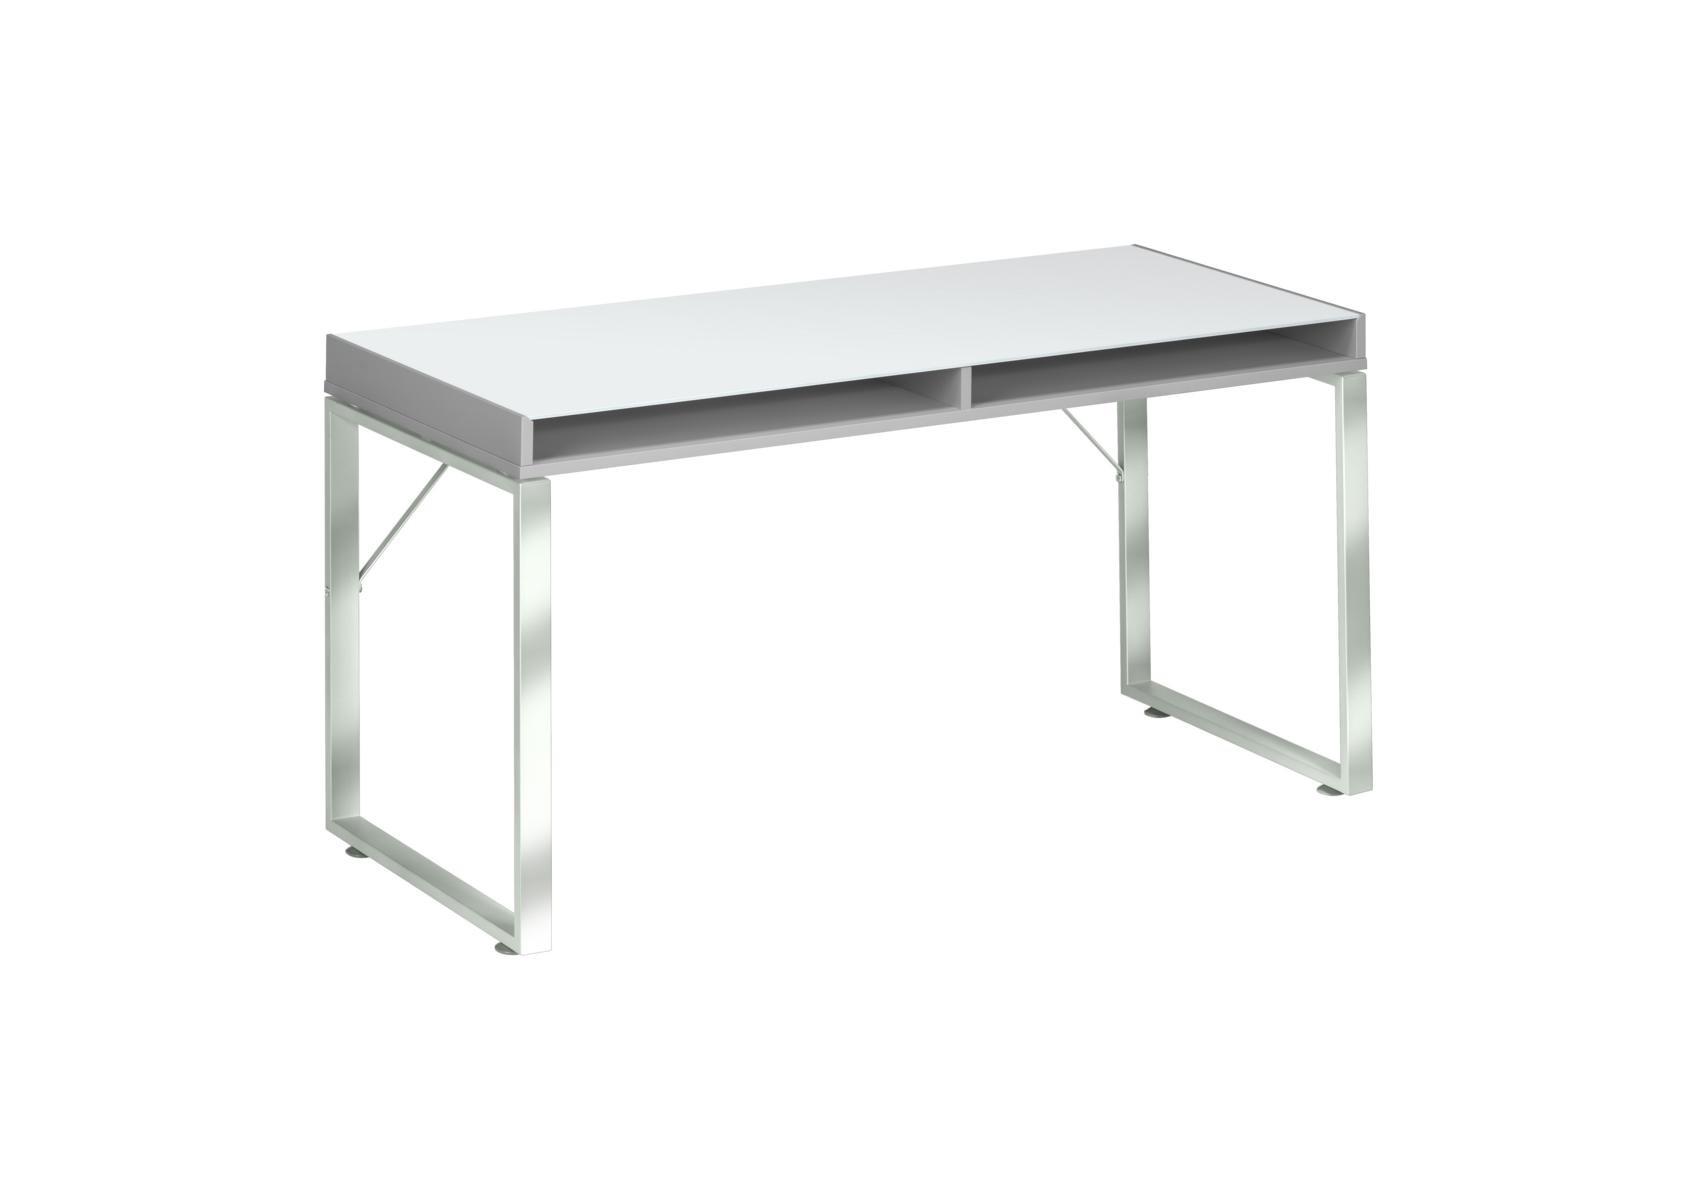 Schreibtisch Computertisch Modmj175 Metall Chrom Platingrau